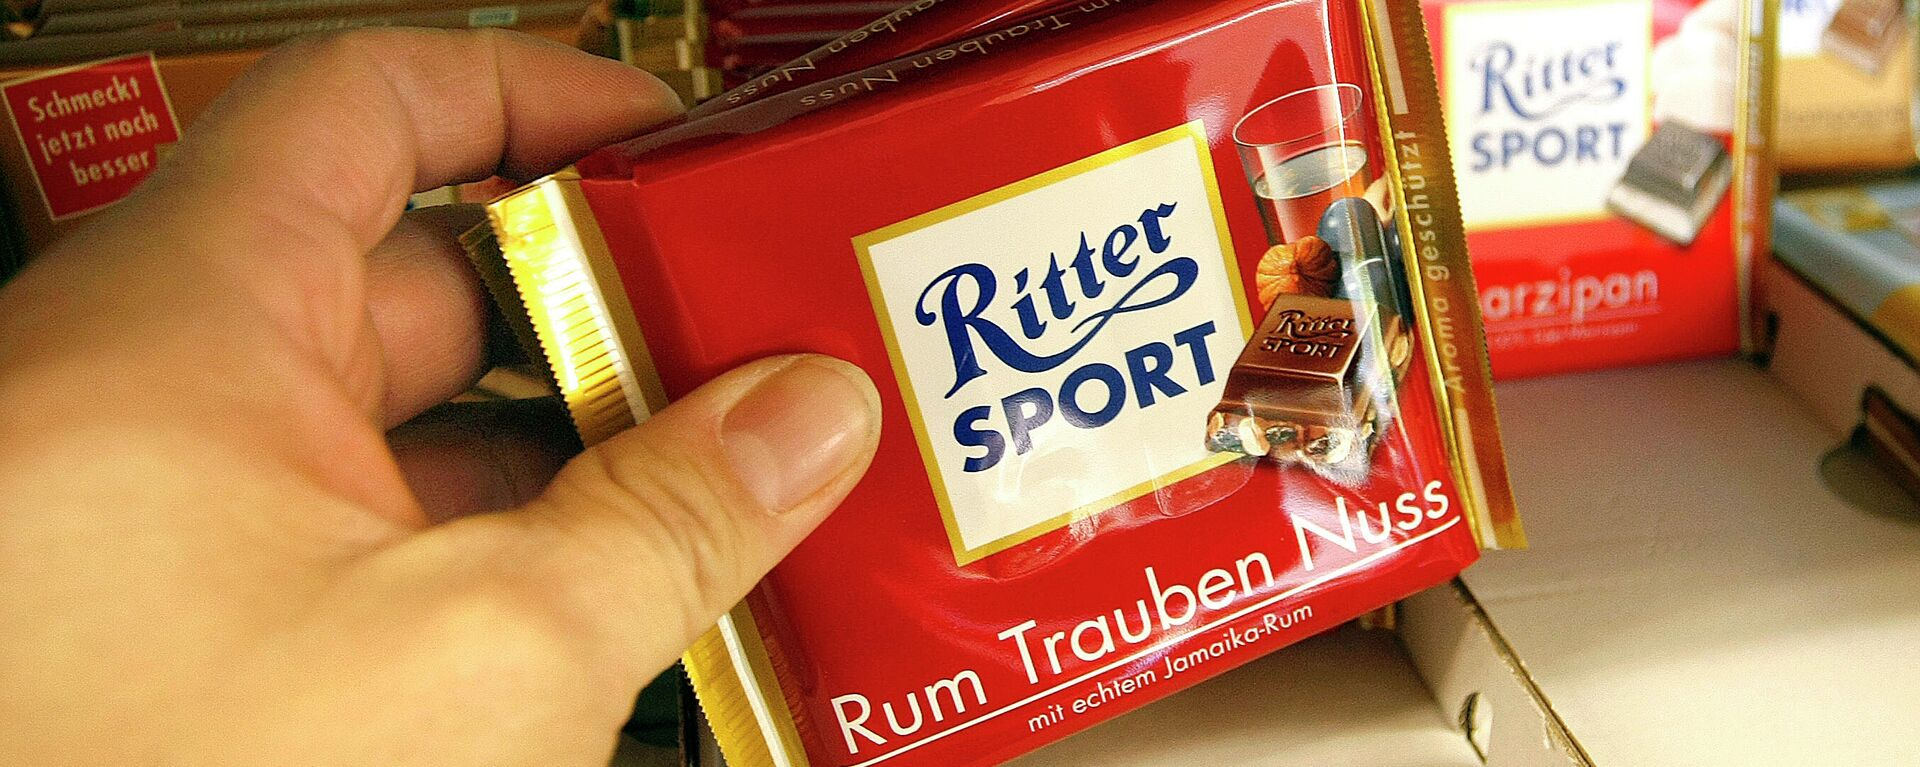 Ritter Sport Schokolade - SNA, 1920, 01.02.2021